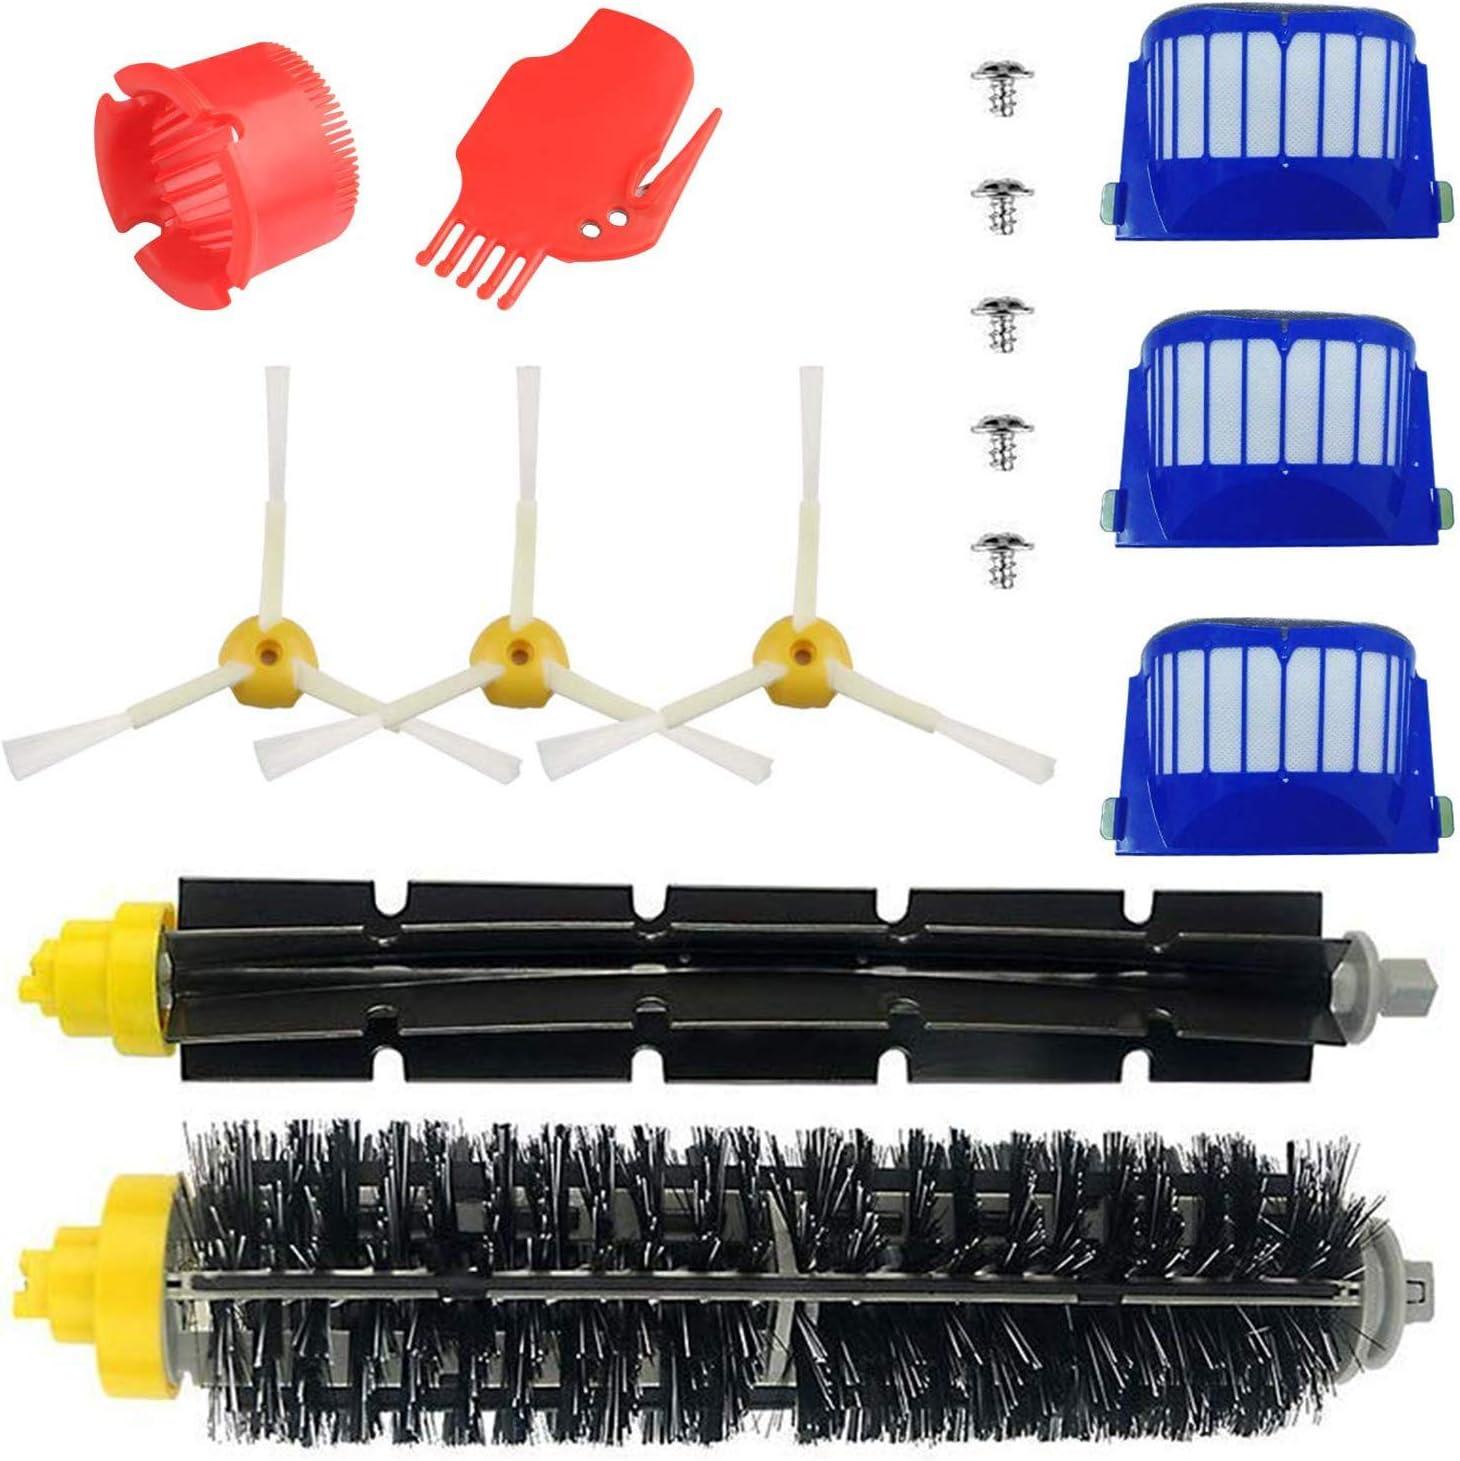 Blue Power Repuestos de Accesorios para Aspiradoras iRobot Roomba Serie 600 605 610 615 616 620 625 630 631 632 639 650 651 660 670 680 681 691 Kit Cepillos Recambios para Aspiradoras de Filter-15PCS